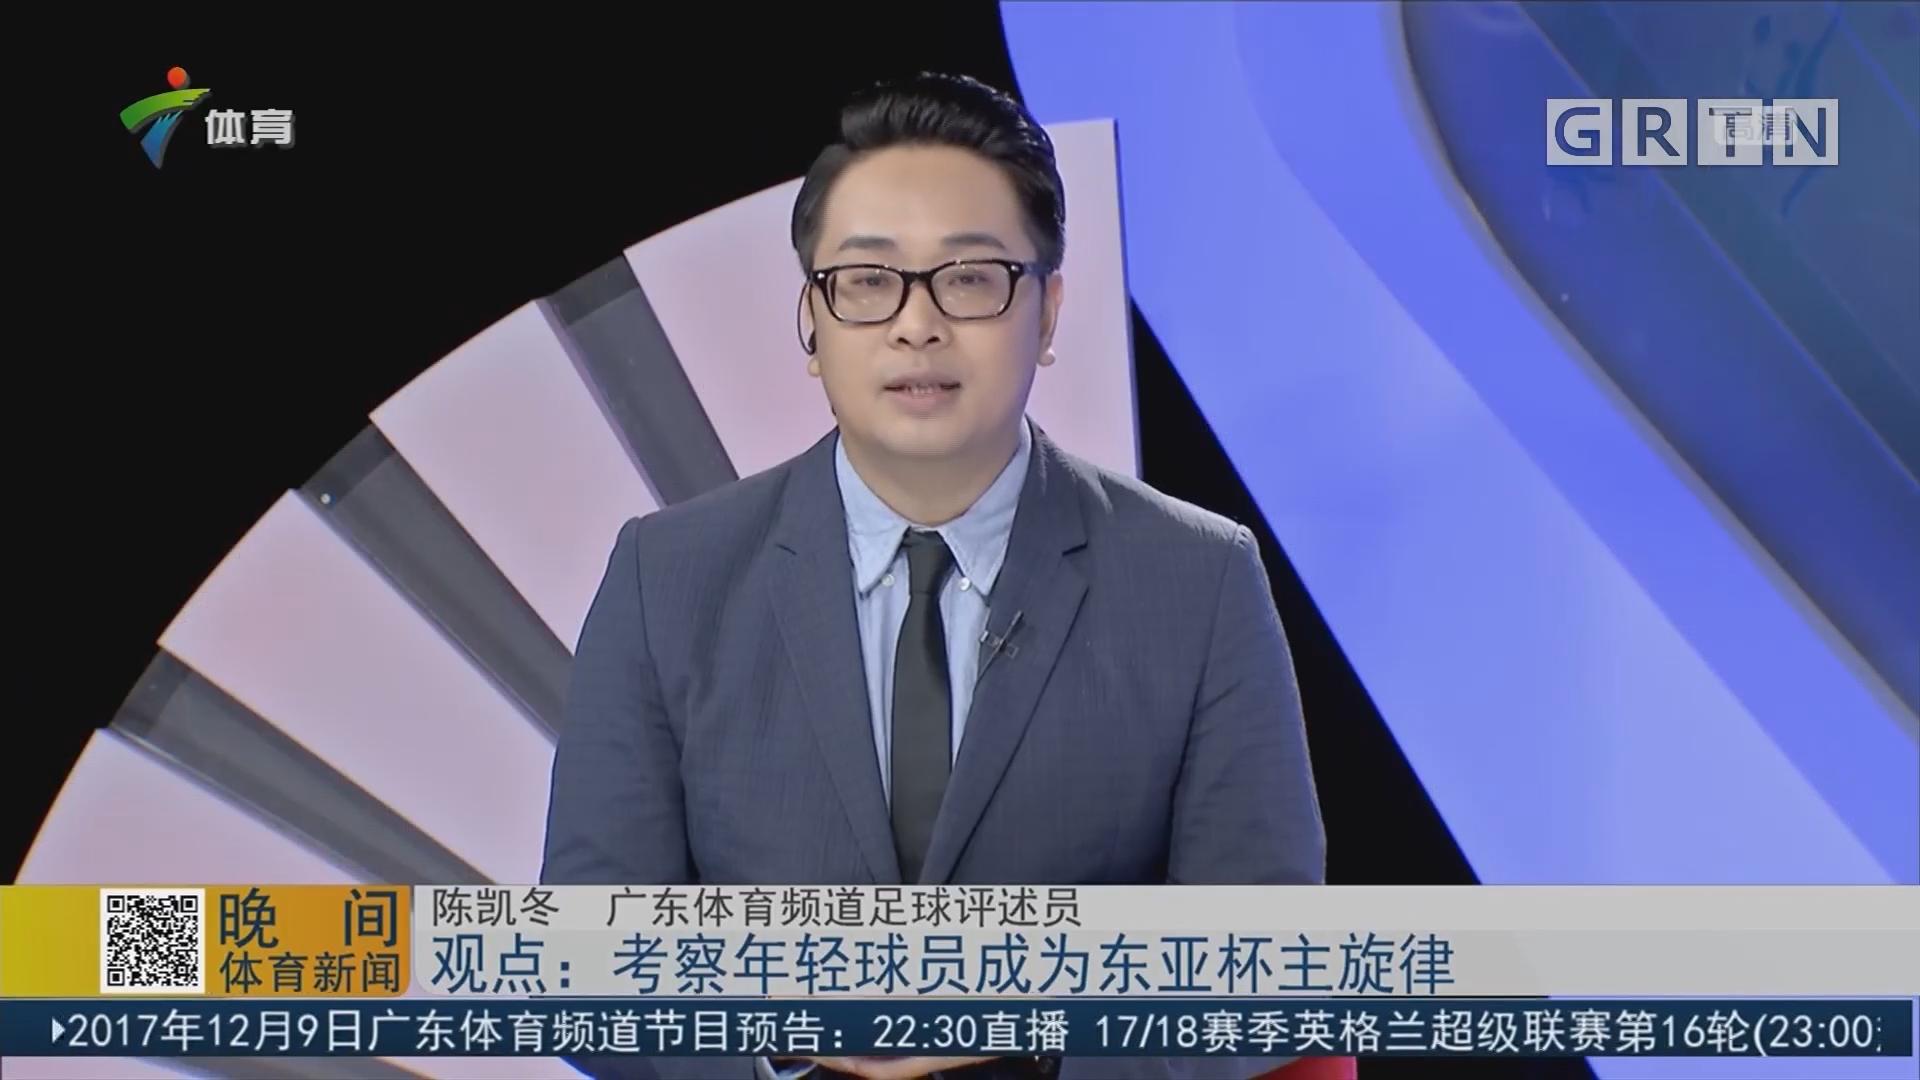 陈凯冬 观点:考察年轻球员成为东亚杯主旋律